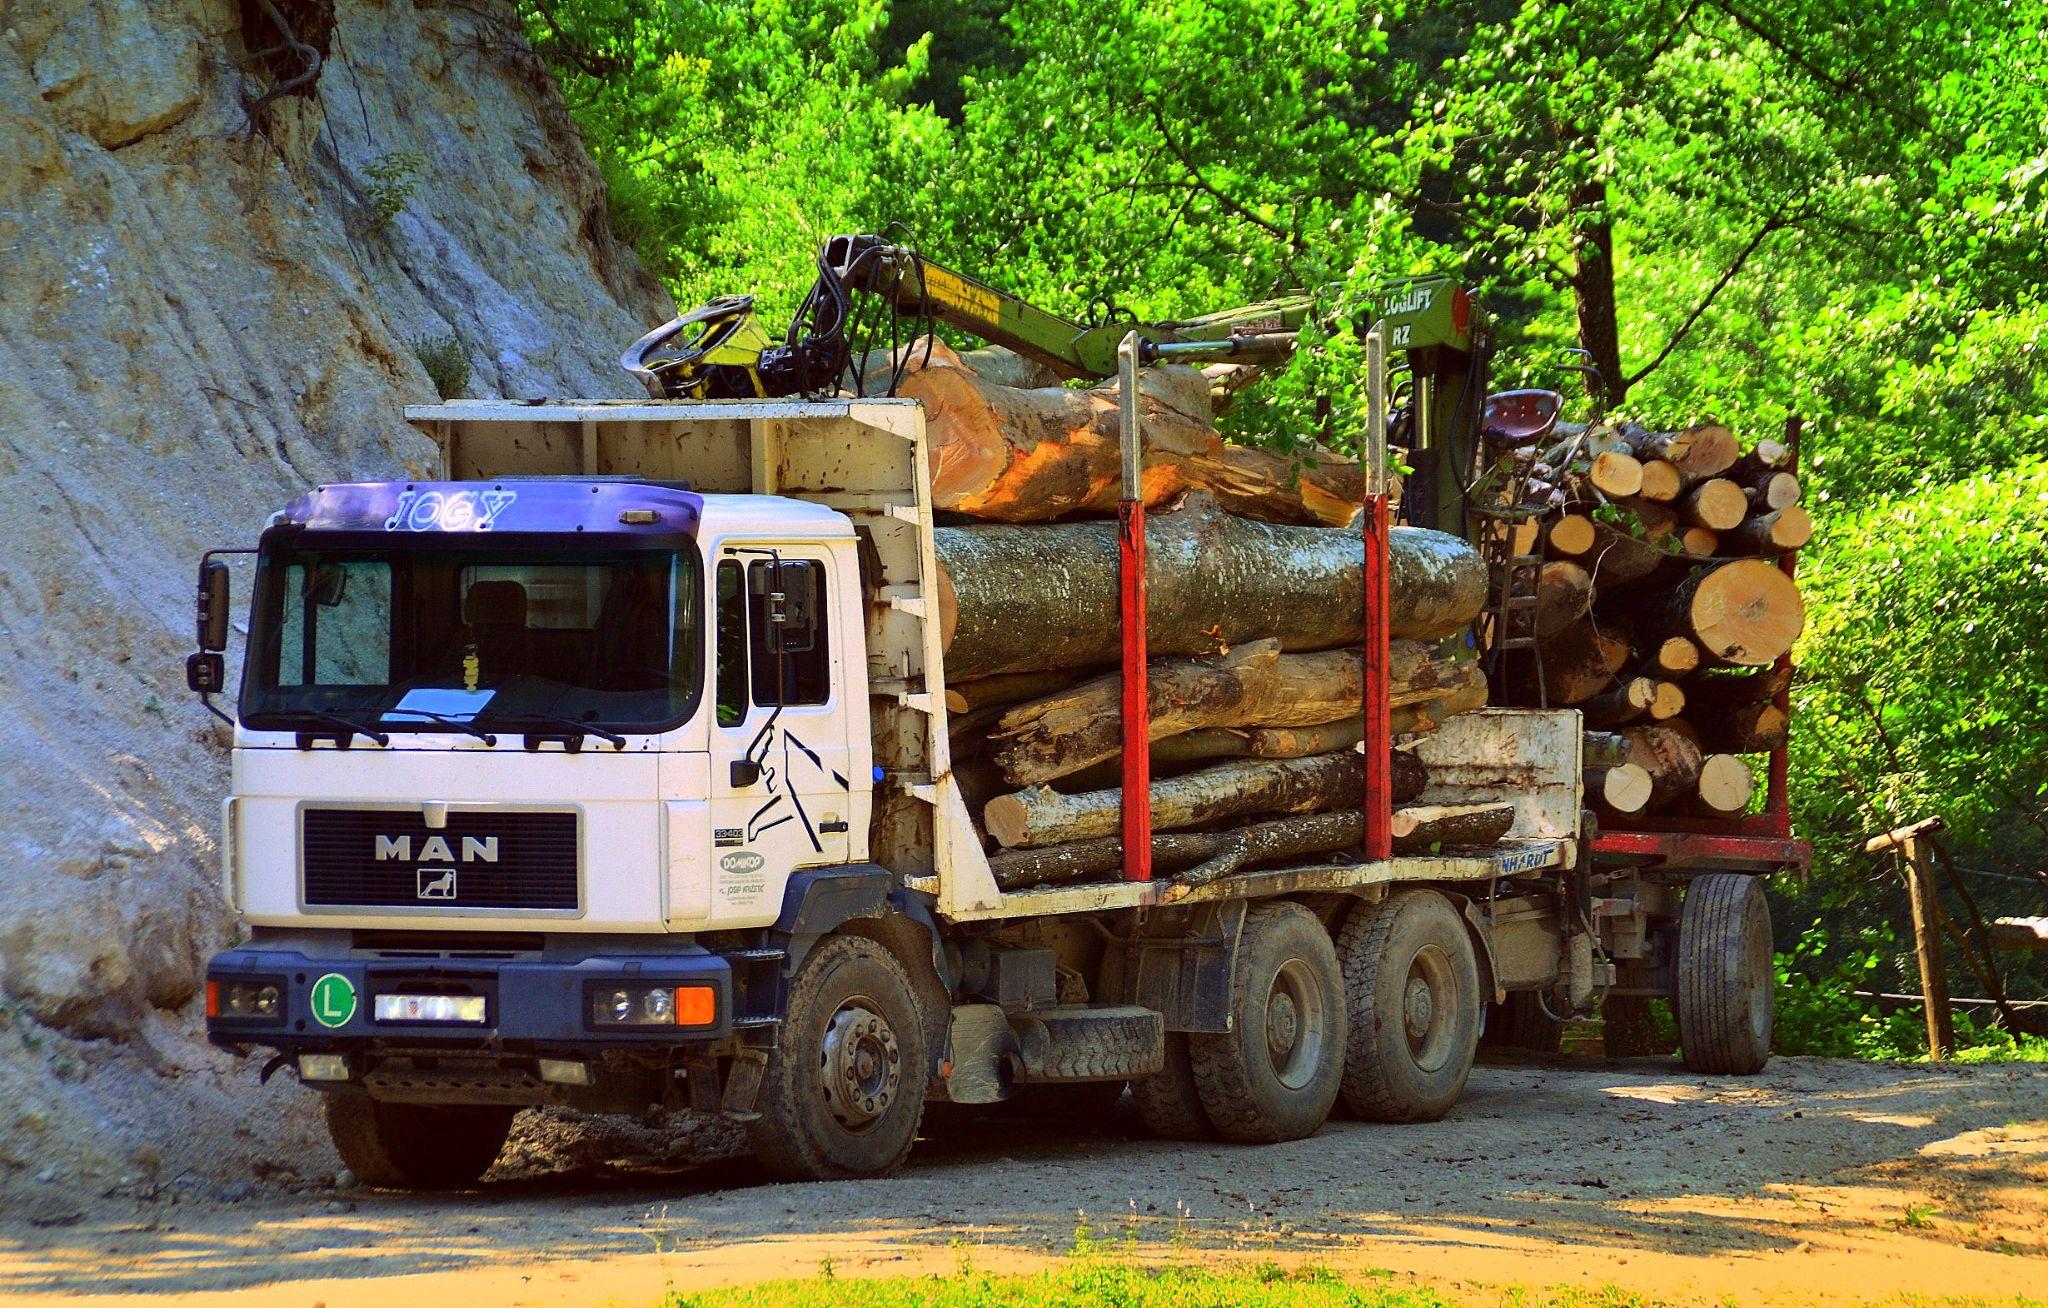 Timber truck by Tihomir Z Beller